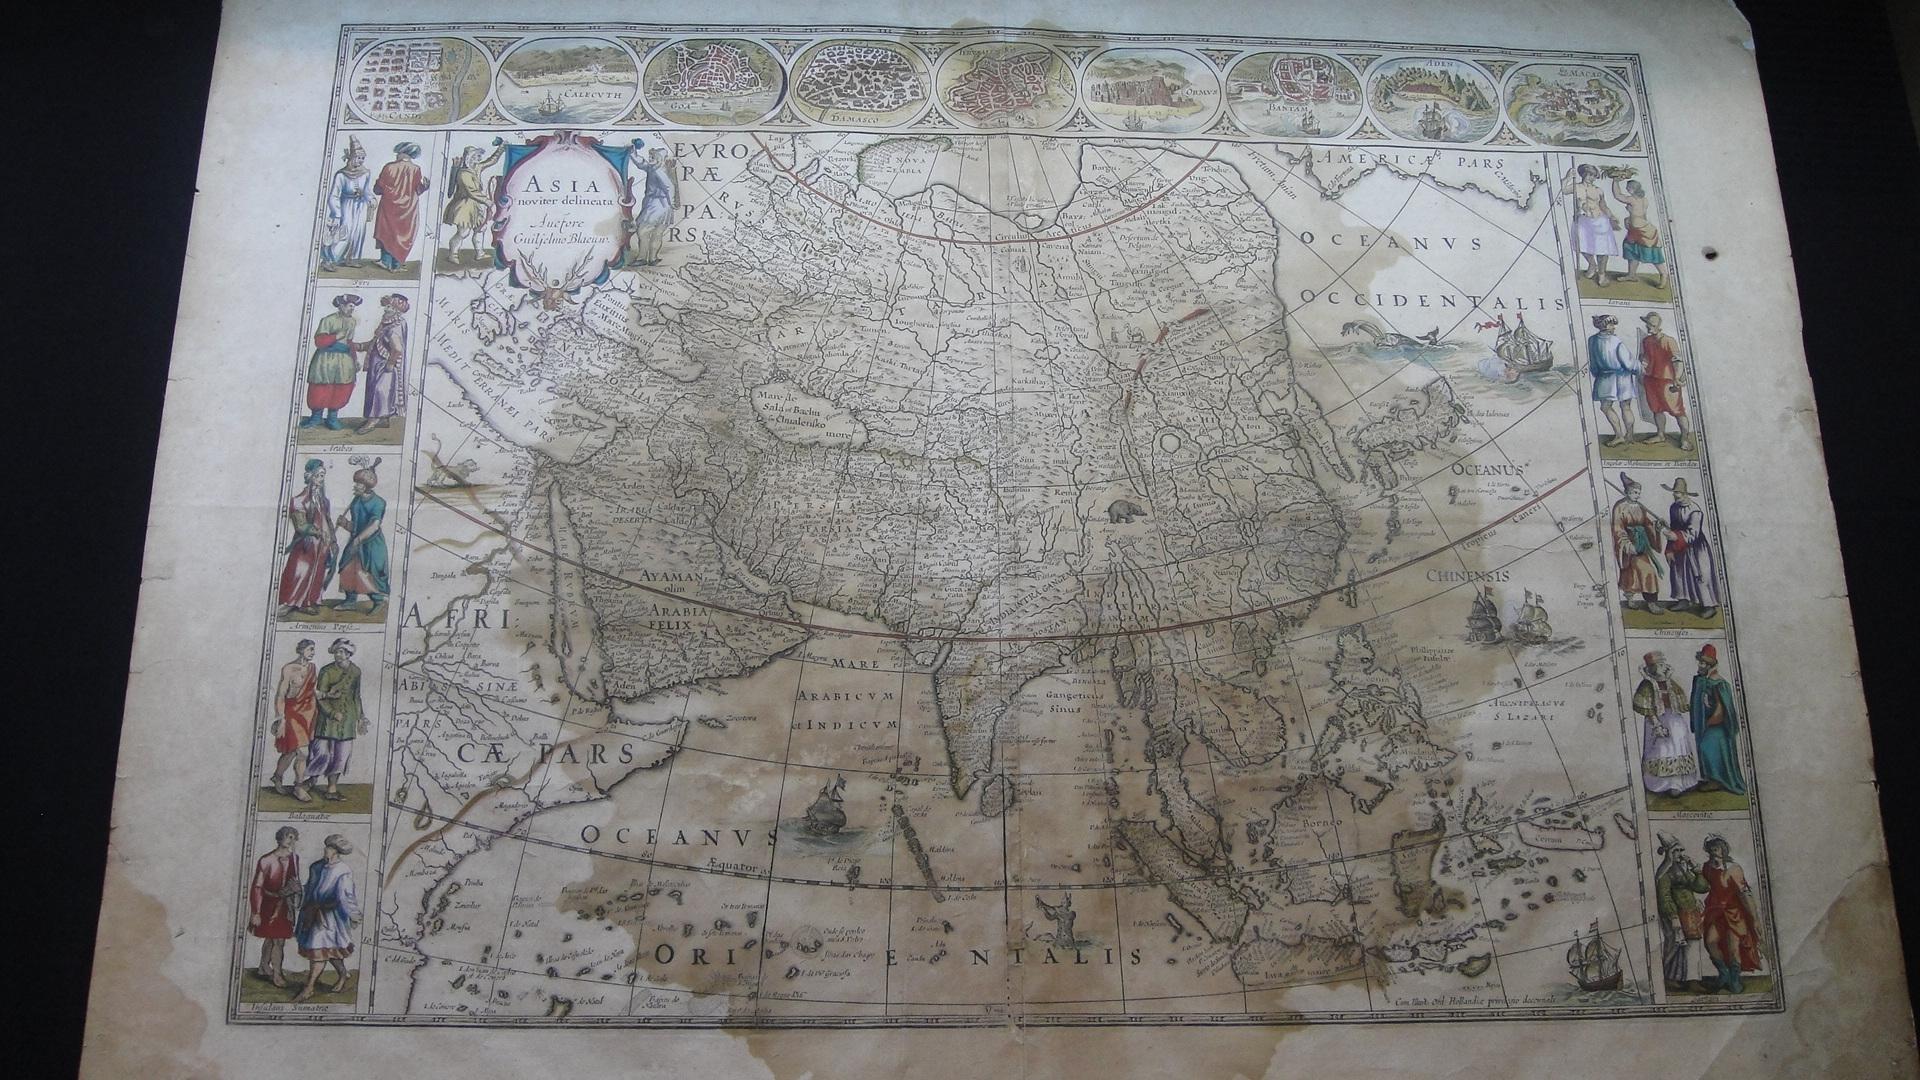 アジア図 1645年 W. J. Blaew 作